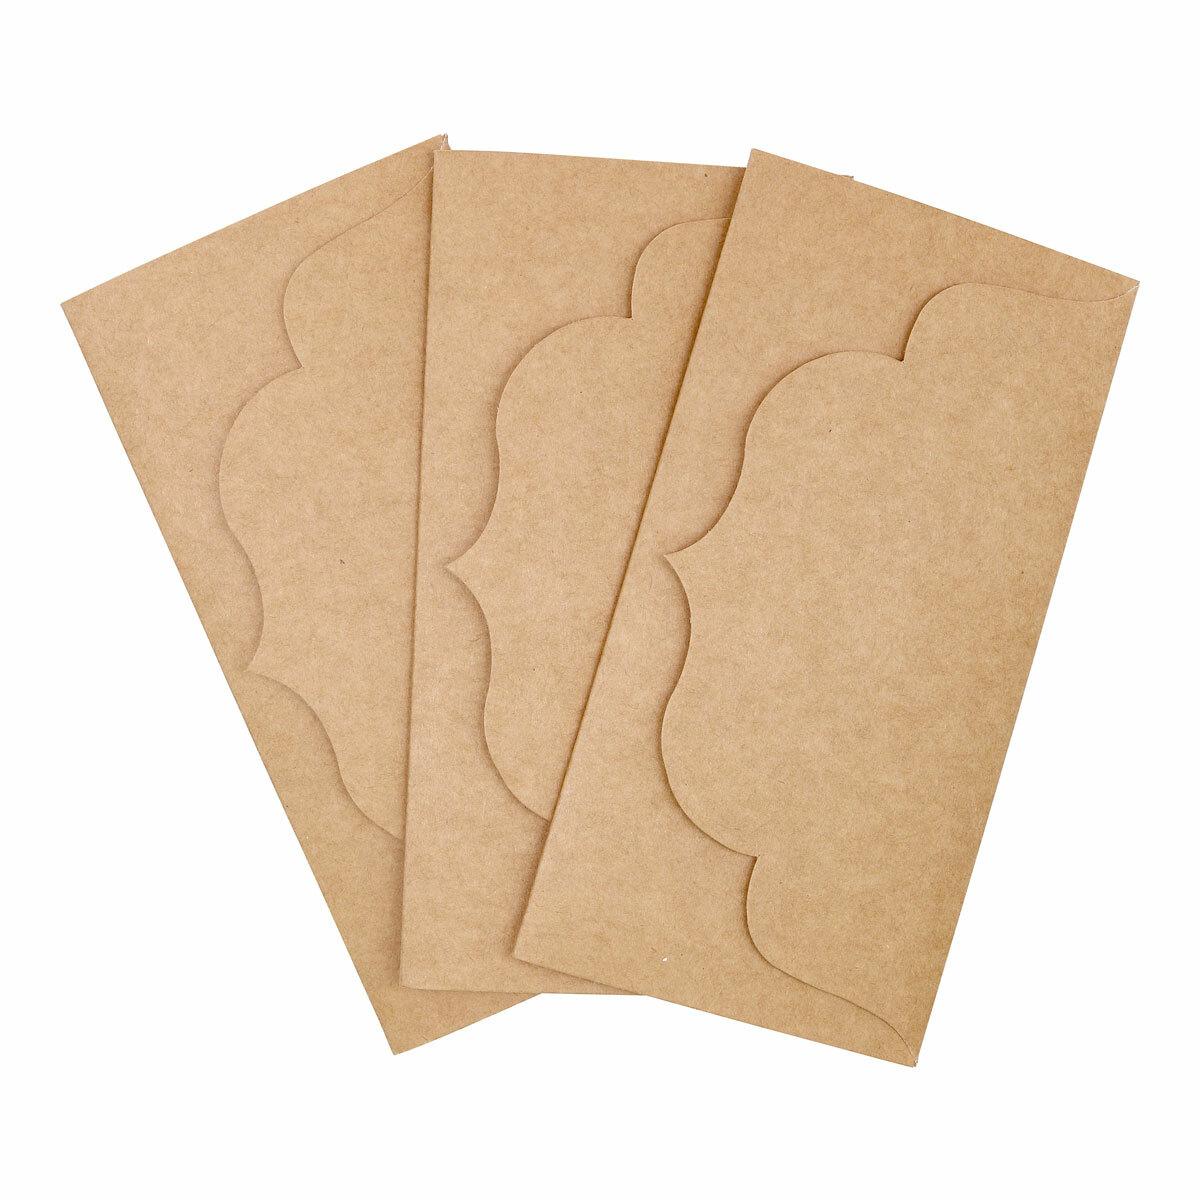 основа для открытки из картона для рынка сша